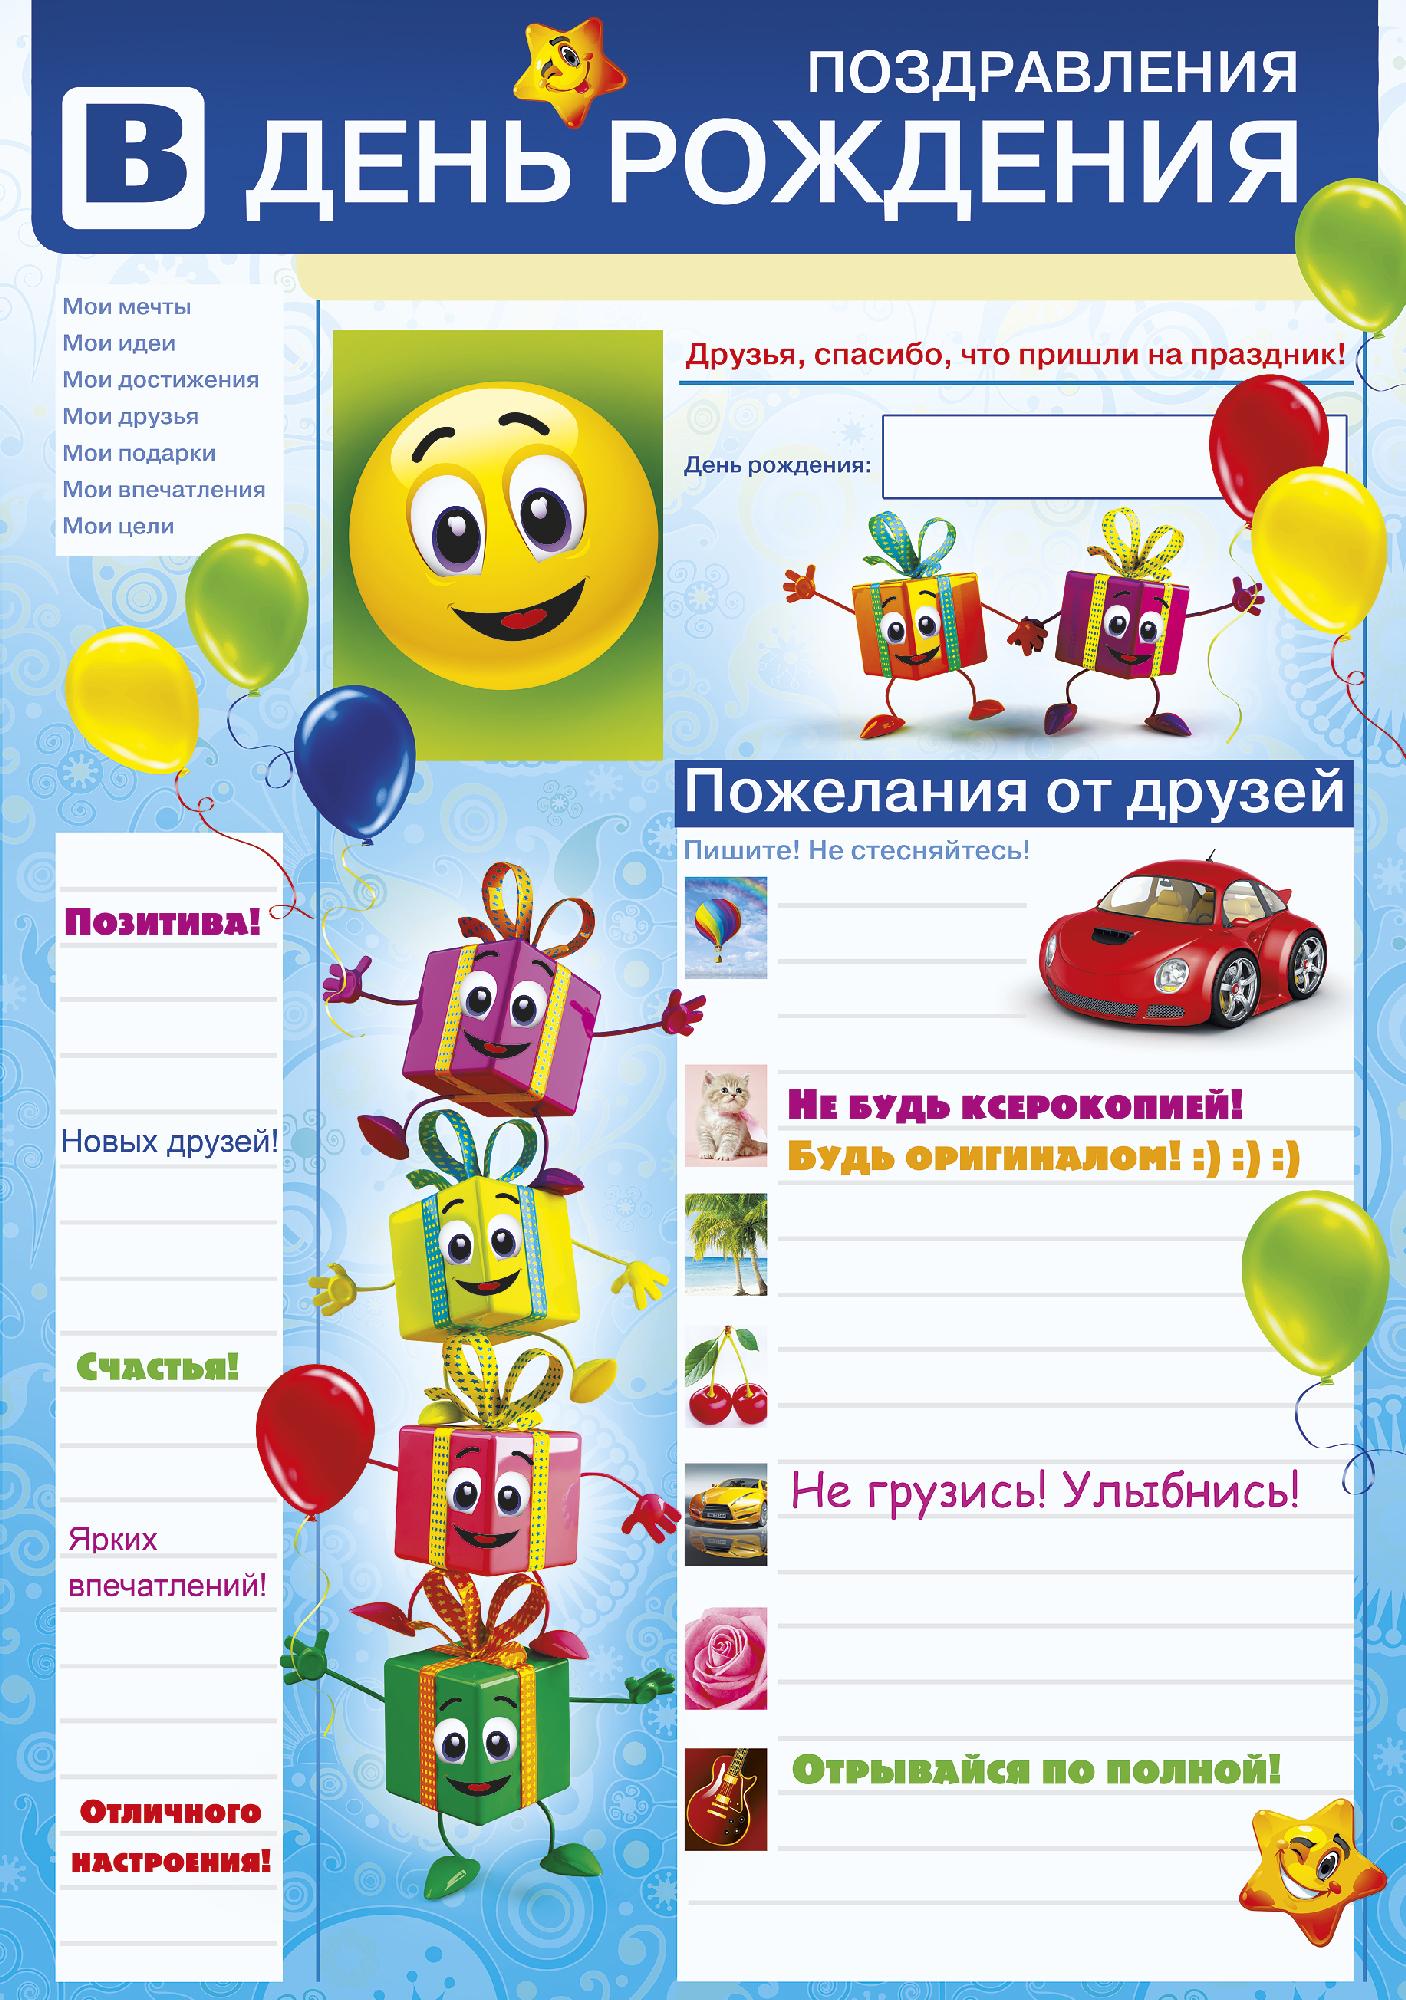 Плакаты с поздравлениями дня рождения 487